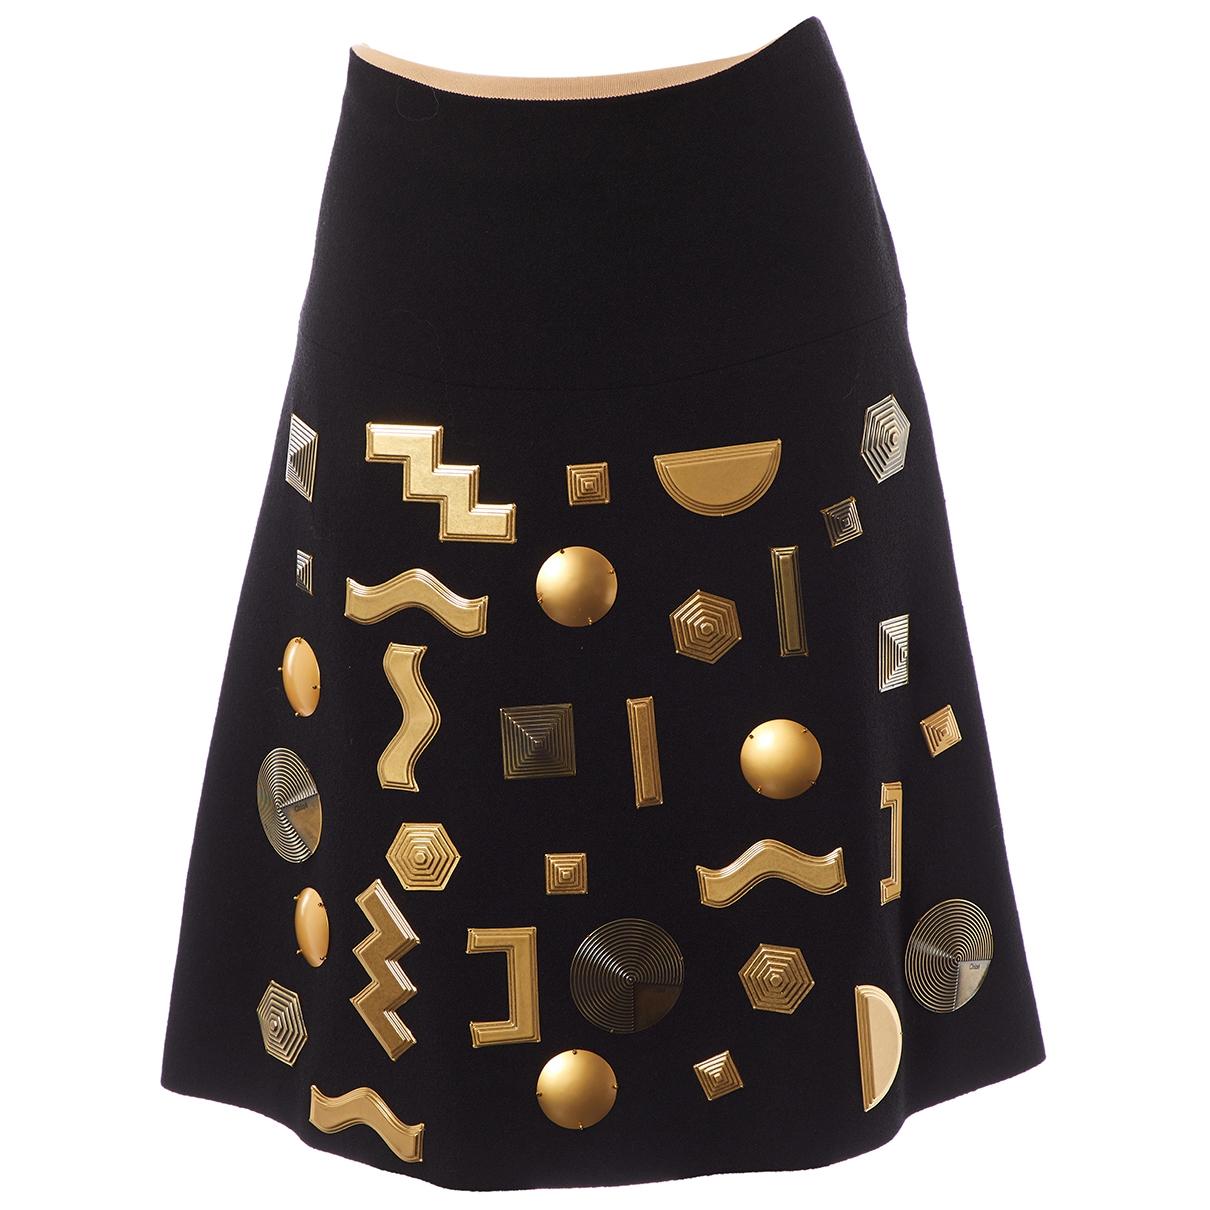 Chloé \N Black Wool skirt for Women 38 FR